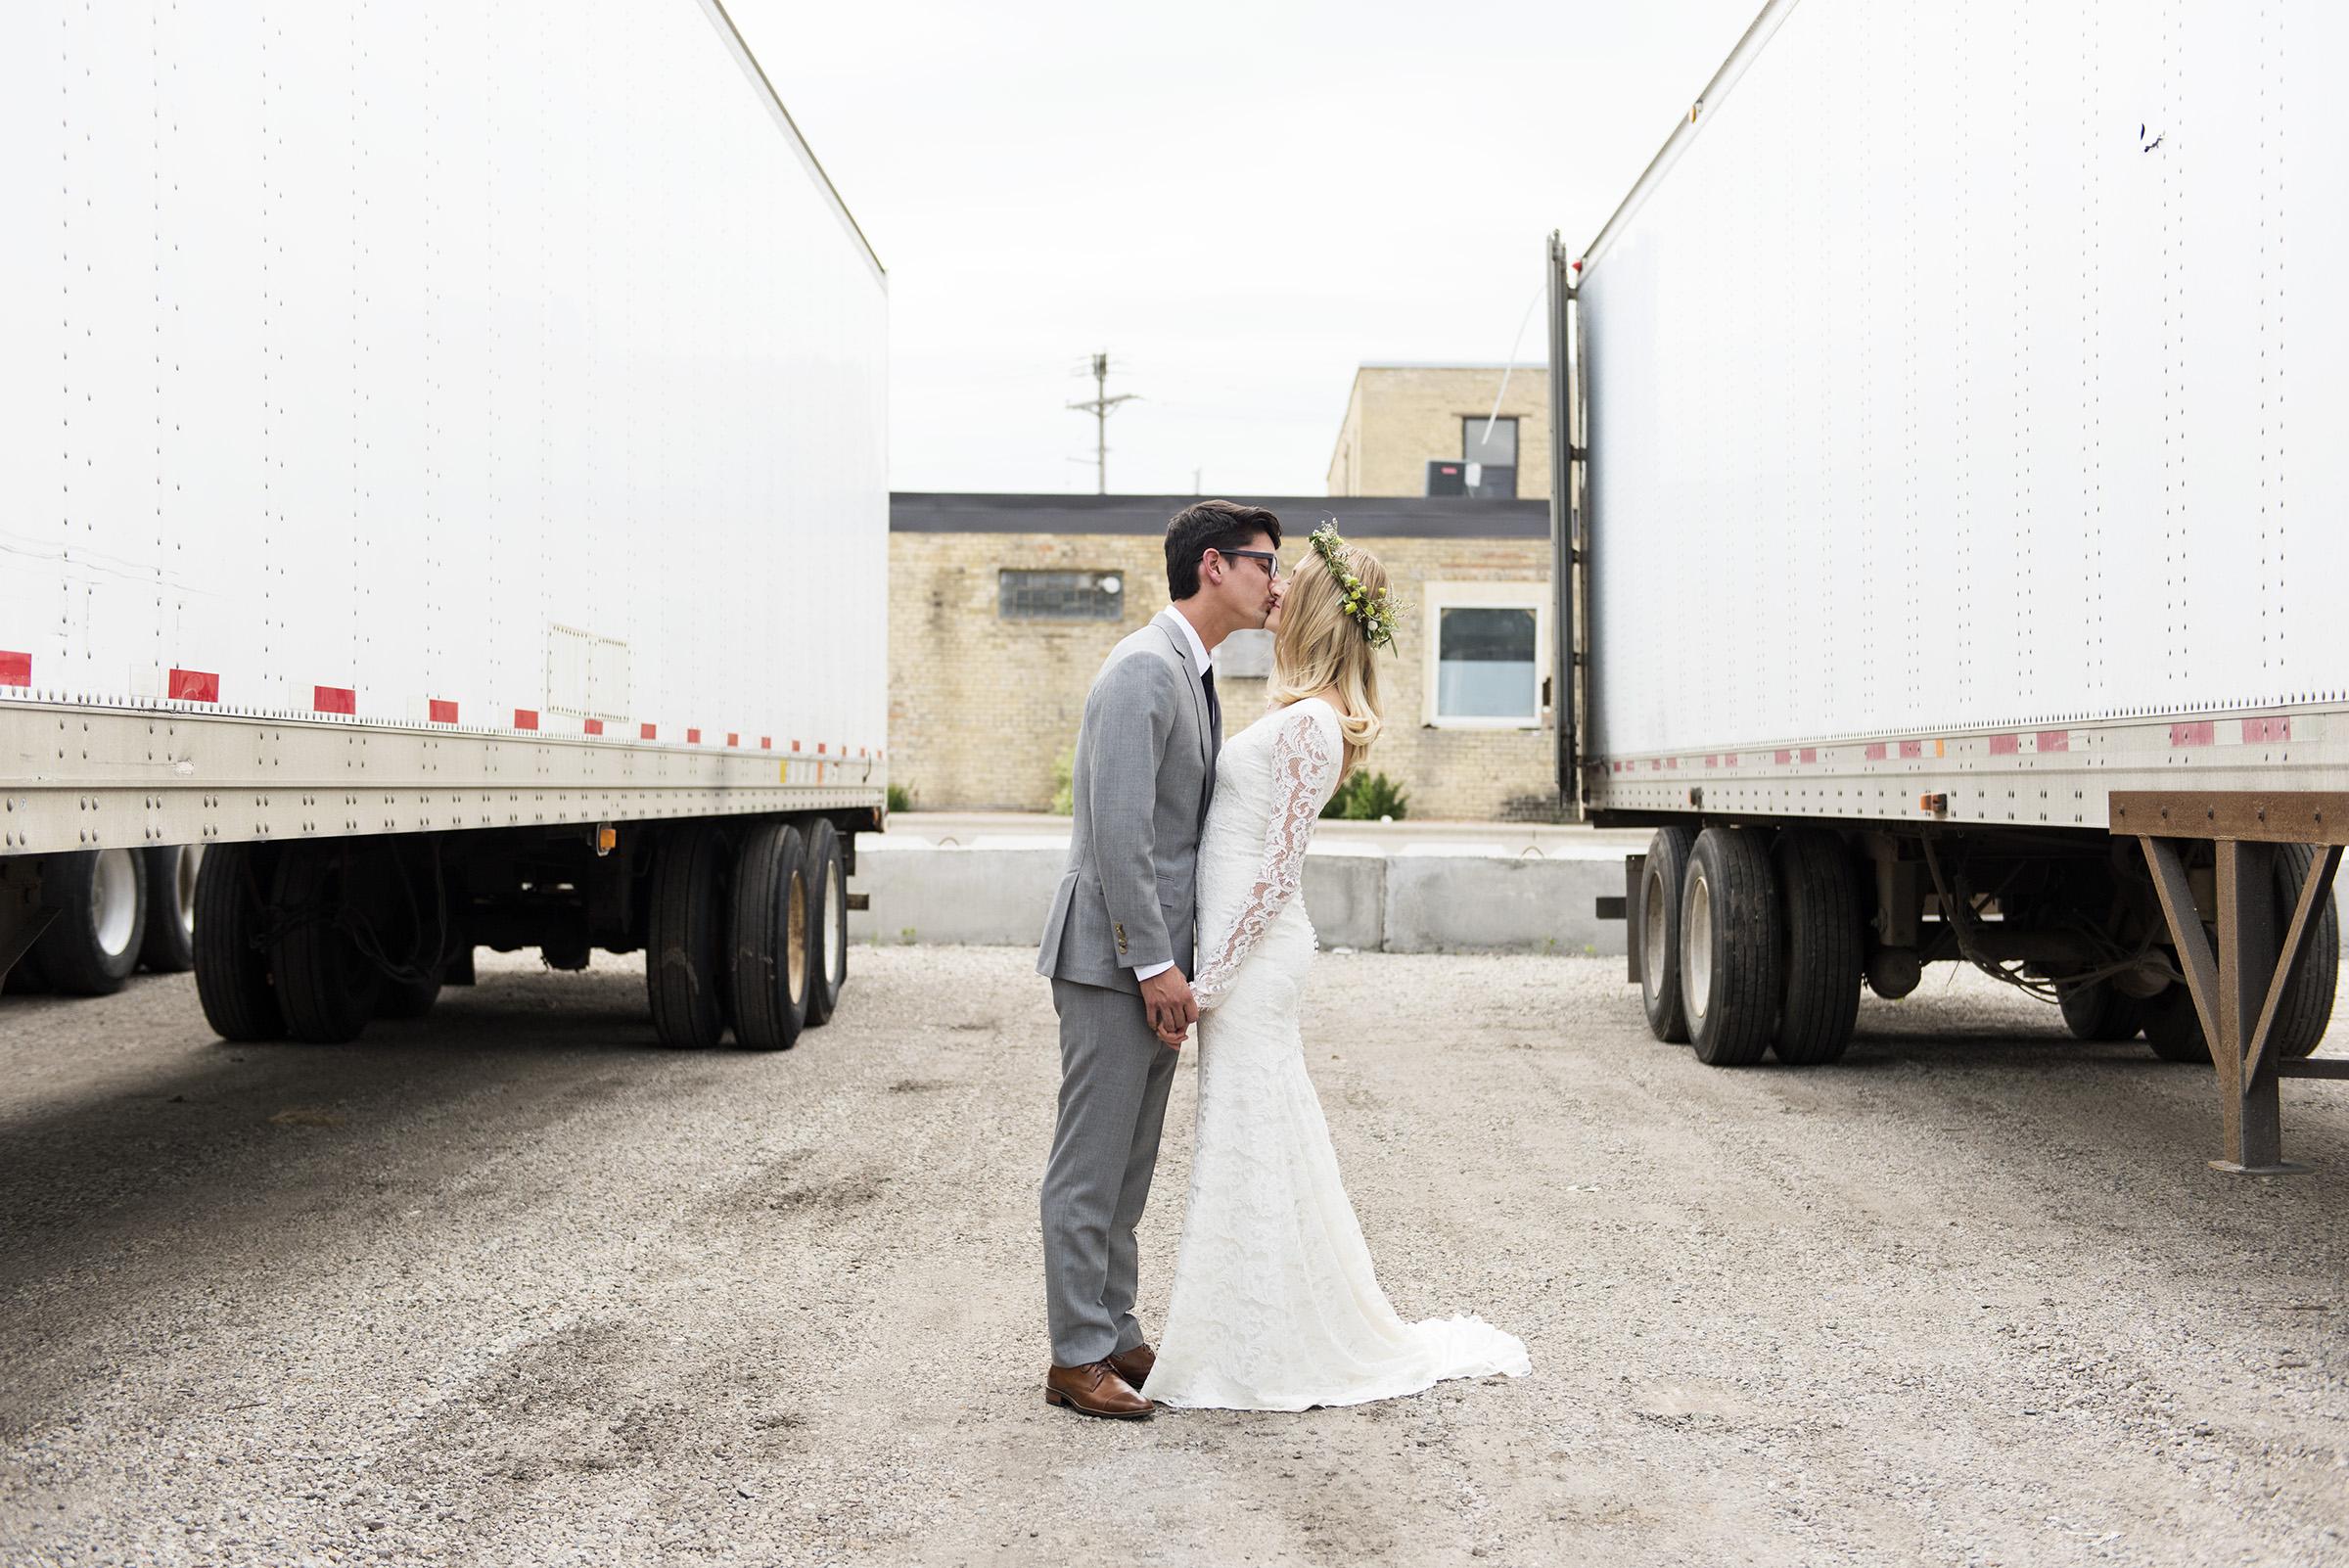 wedding0018.jpg